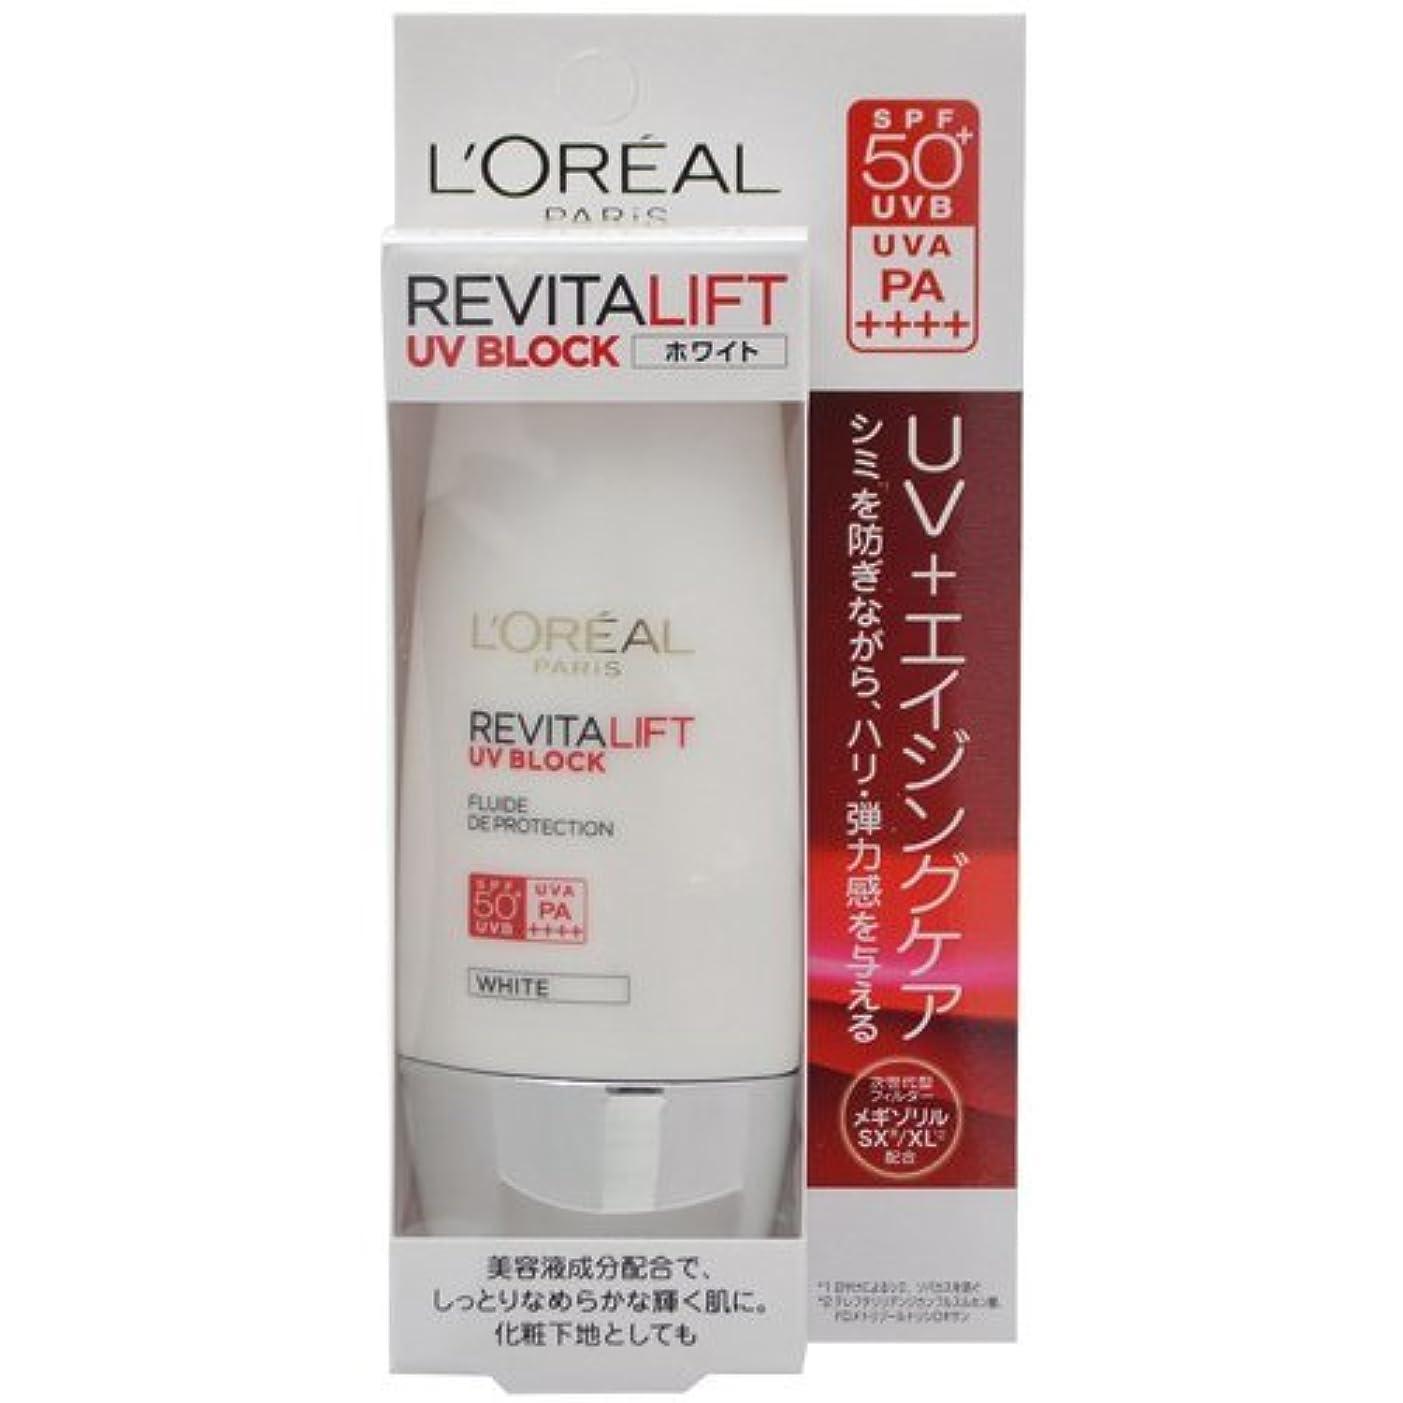 スキップコミットメント現代のロレアル パリ リバイタルリフト UV ブロック ホワイト 日やけ止め乳液 メイクアップベース (30g) SPF50+ PA++++